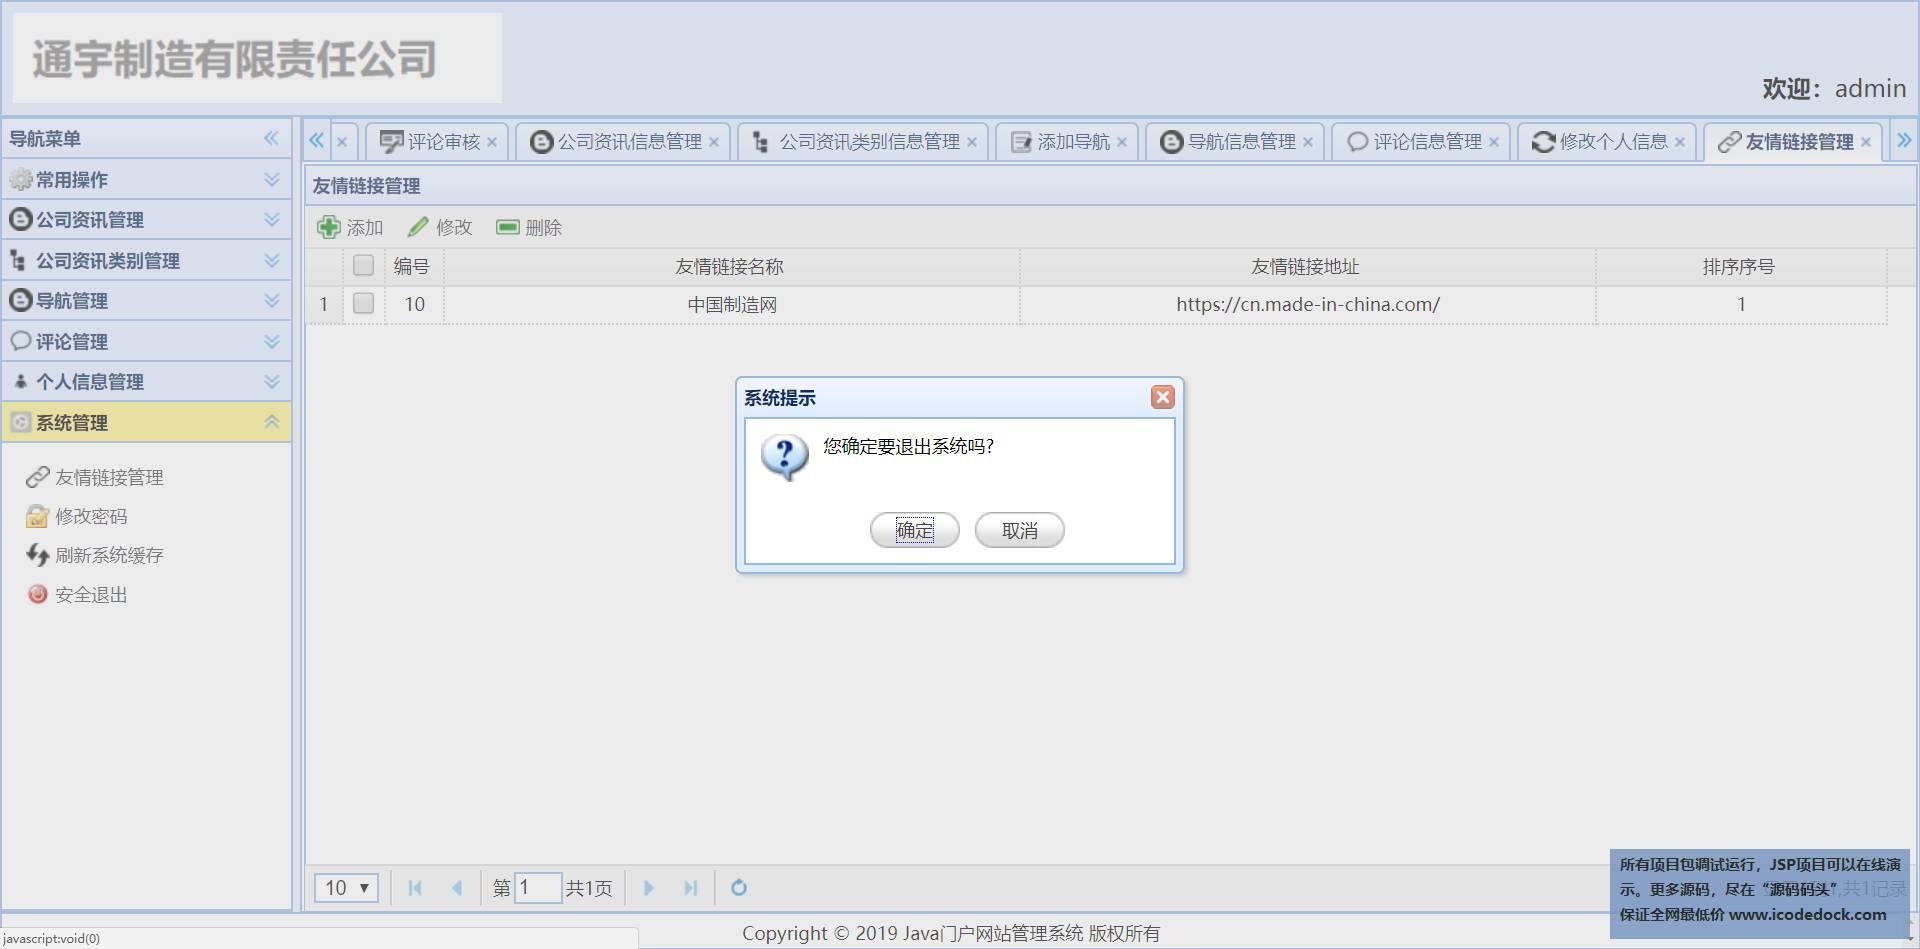 源码码头-SSM企业官方网站-管理员角色-退出系统